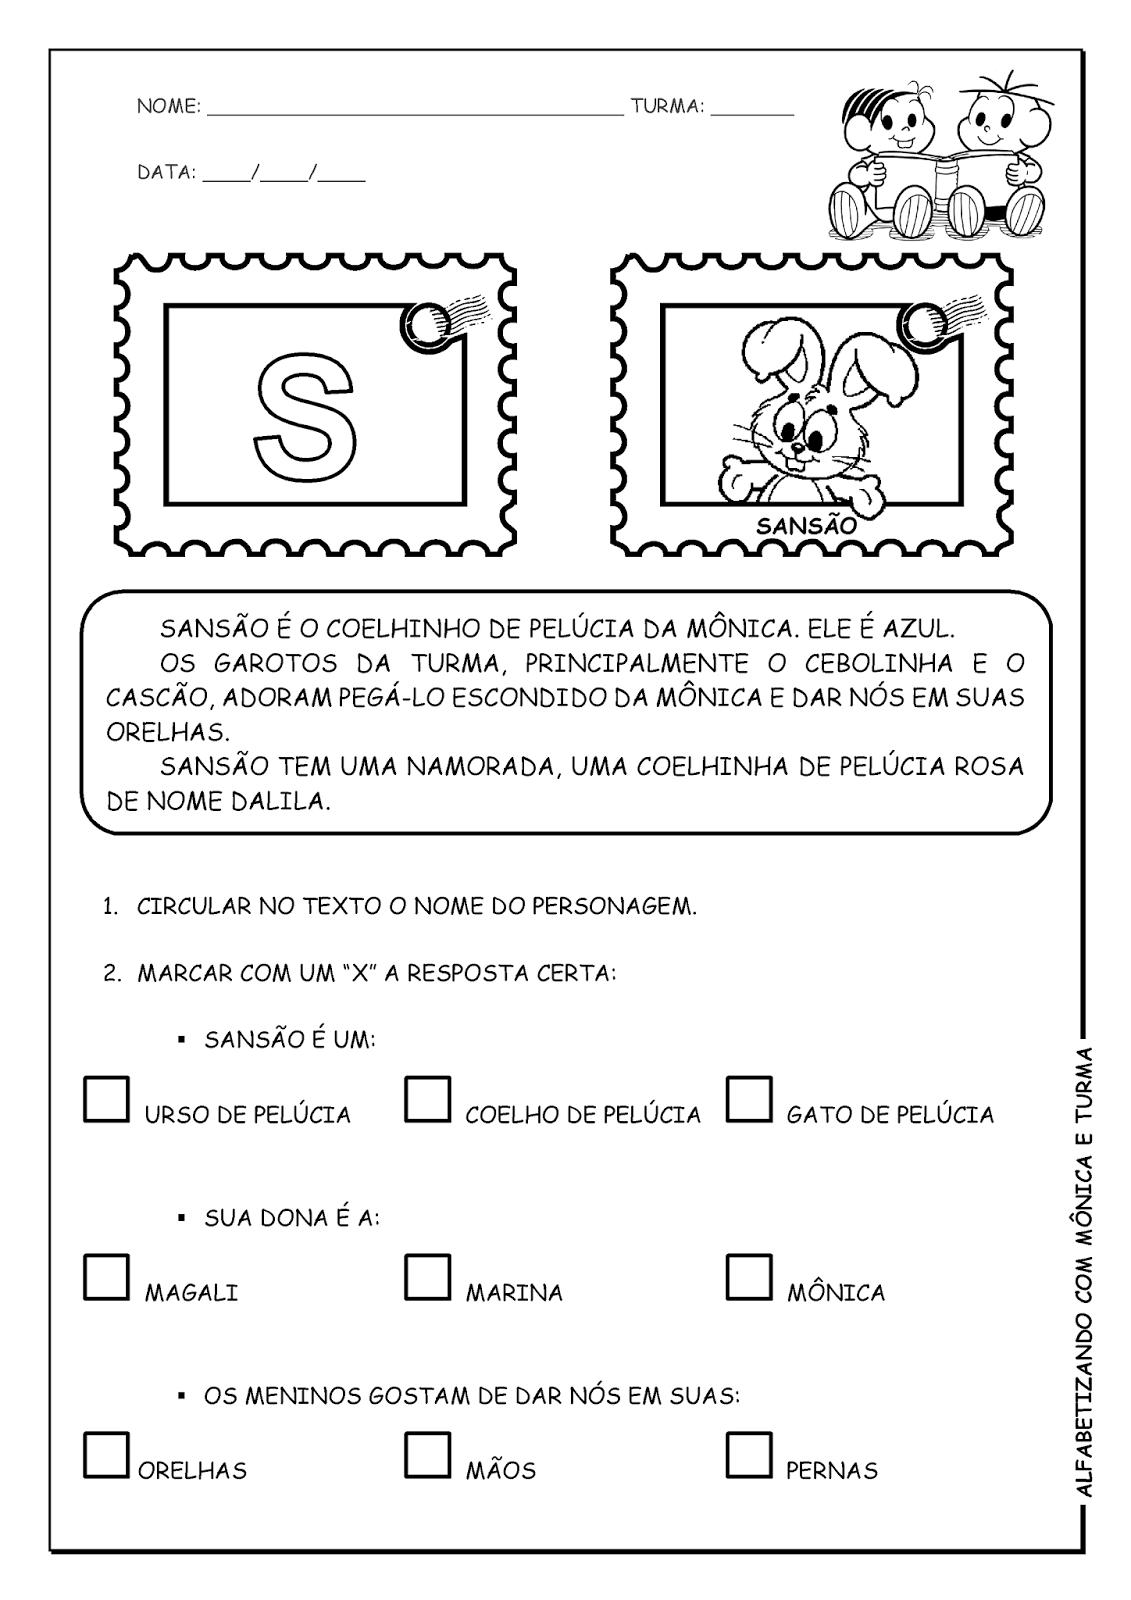 Alfabetizando com Mônica e Turma: Atividades de interpretação com personagens - S, T, U